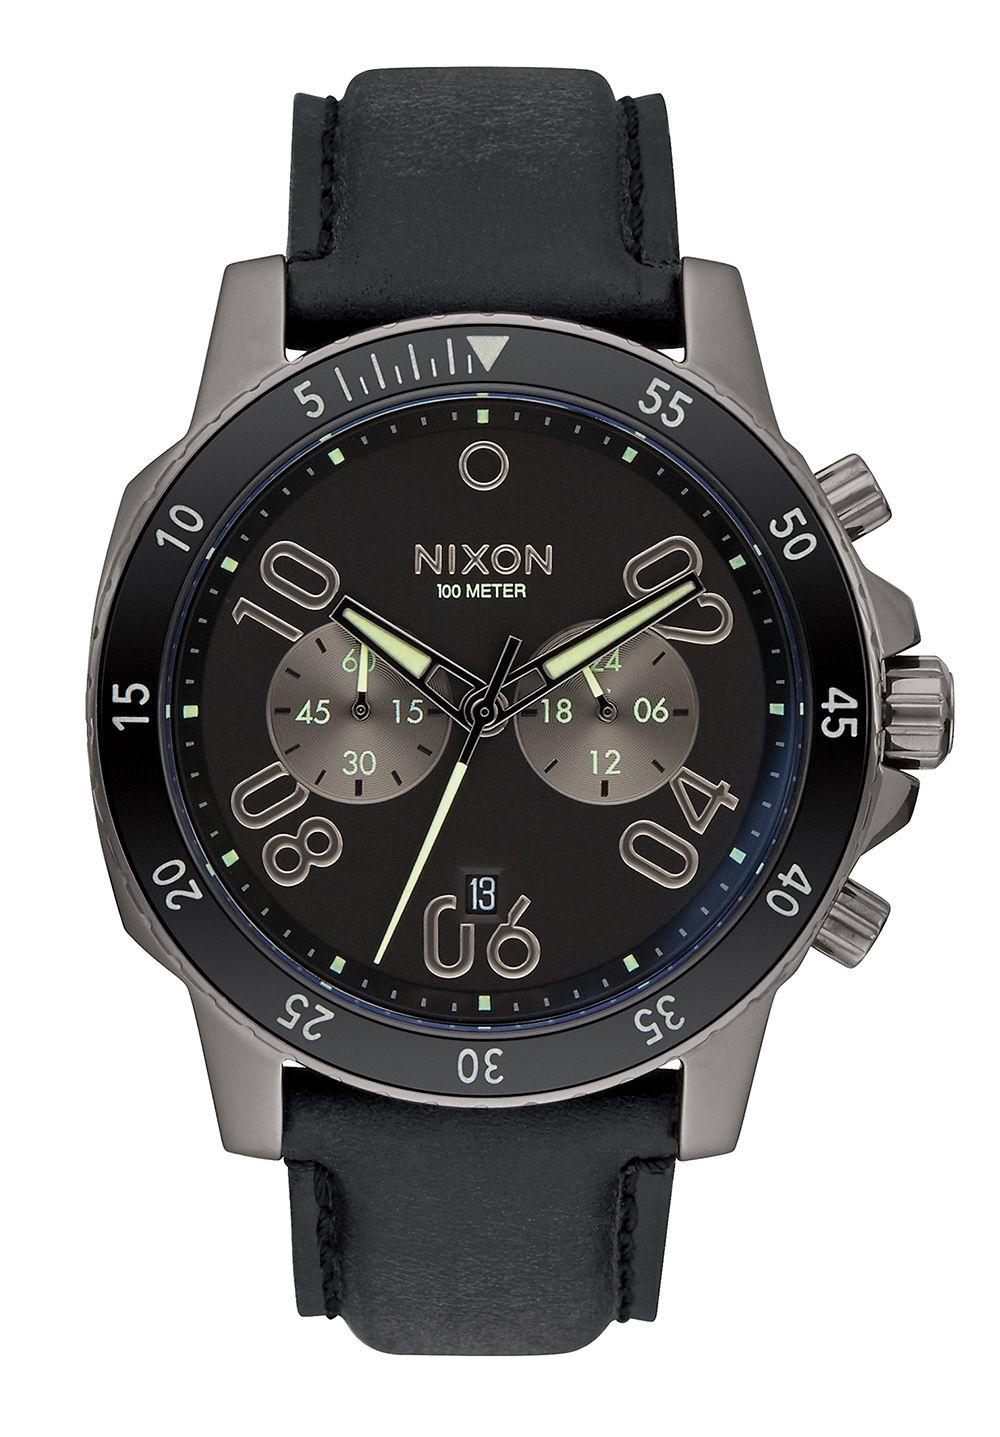 Nixon The Ranger Chrono Leather Gunmetal / Lum